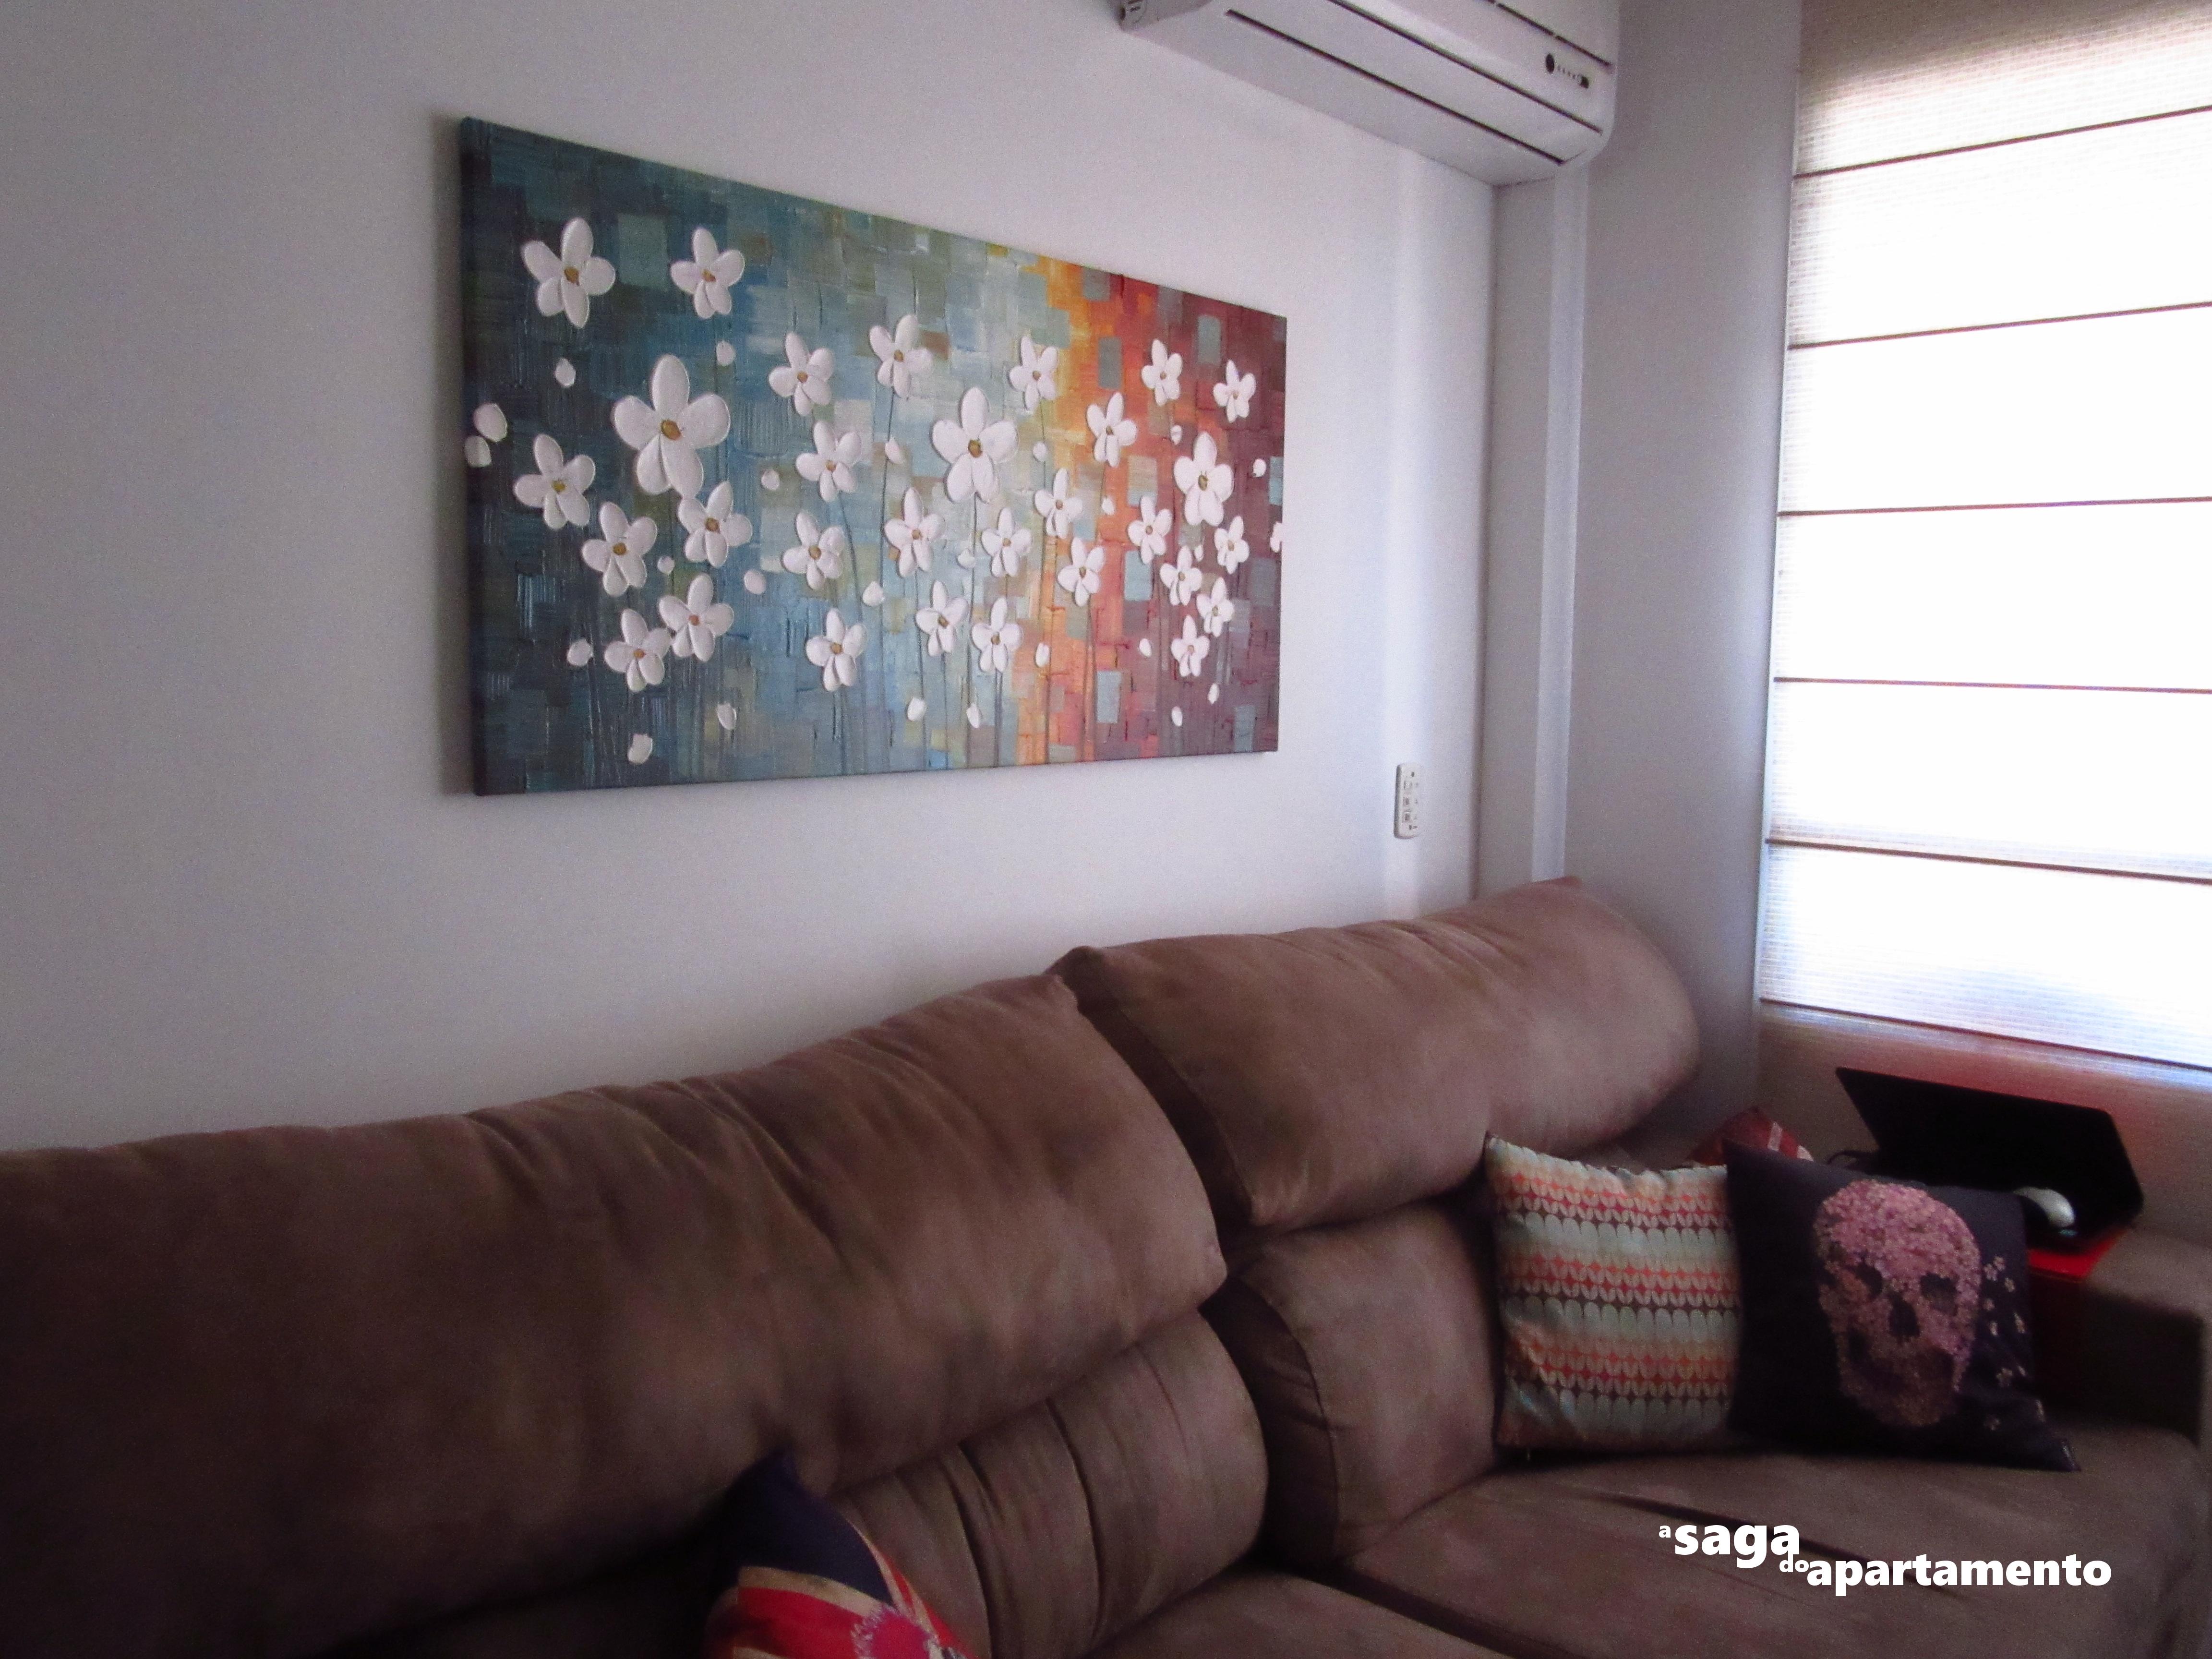 Quadro Com Flores A Saga Do Apartamento -> Pinturas De Sala Pequena